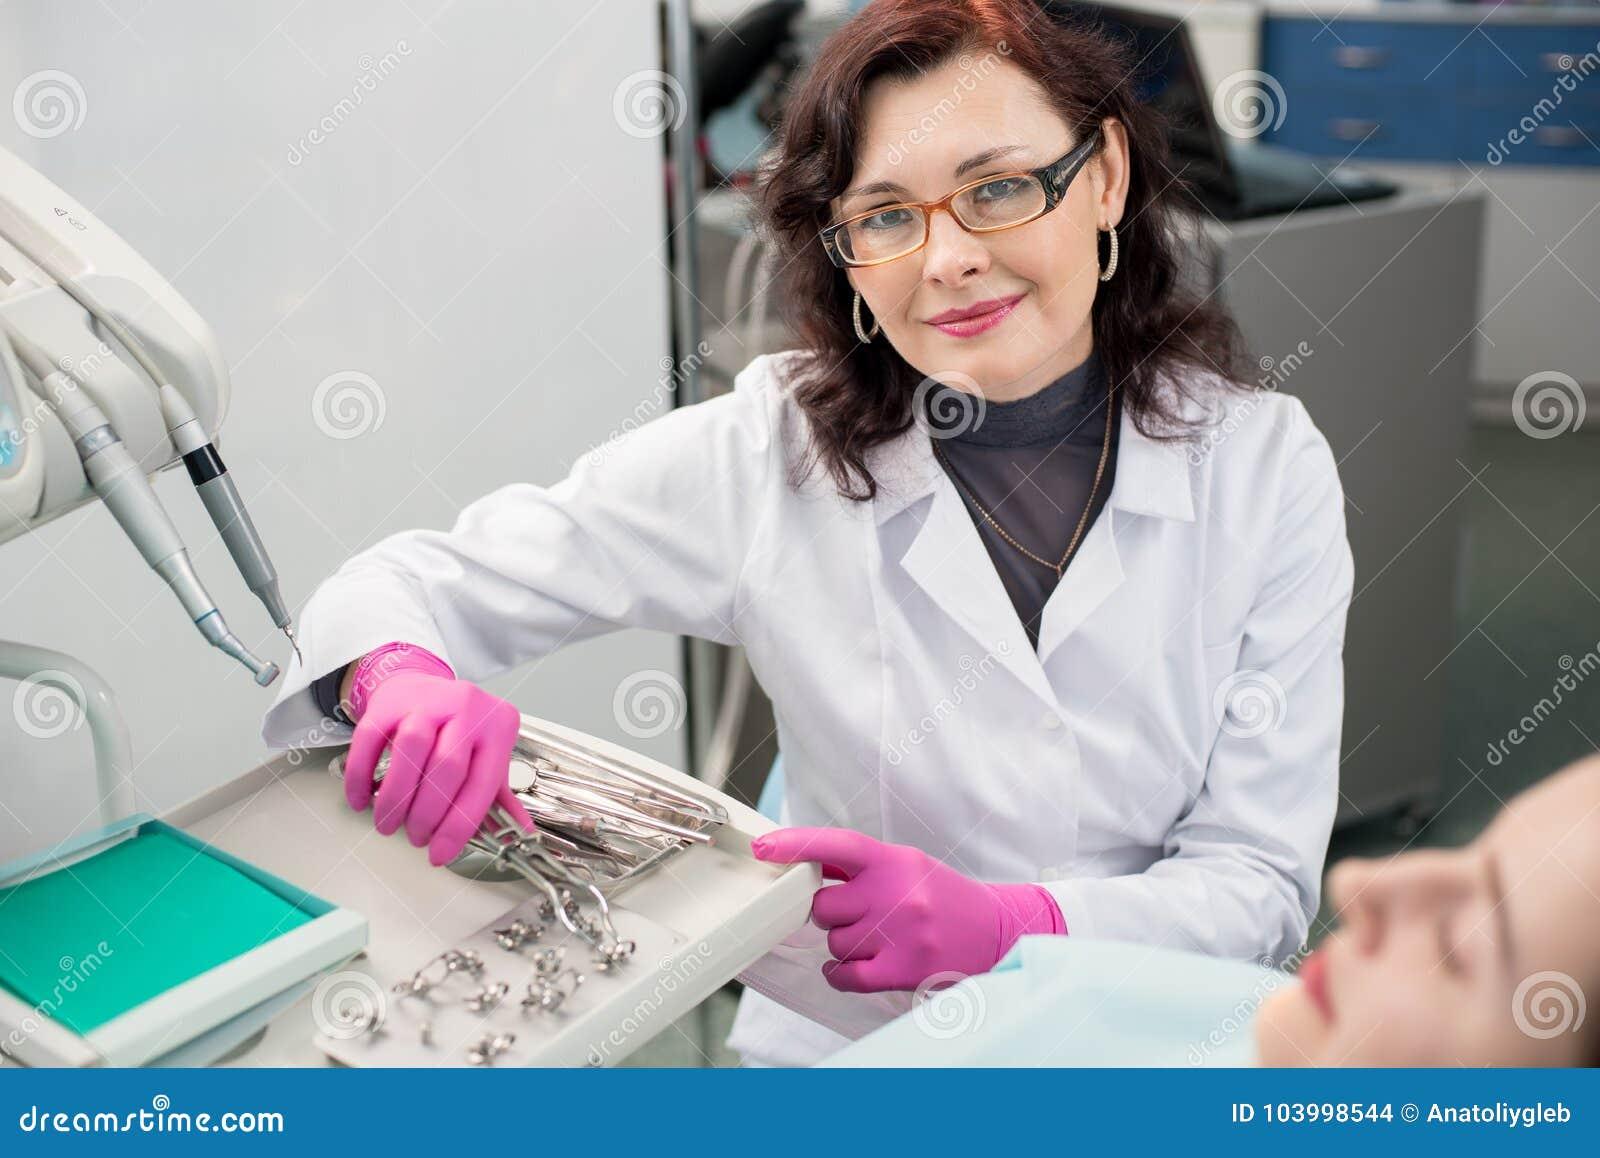 Portret van vriendschappelijke vrouwelijke tandarts met vrouwelijke patiënt in het tandbureau tandheelkunde Tand apparatuur